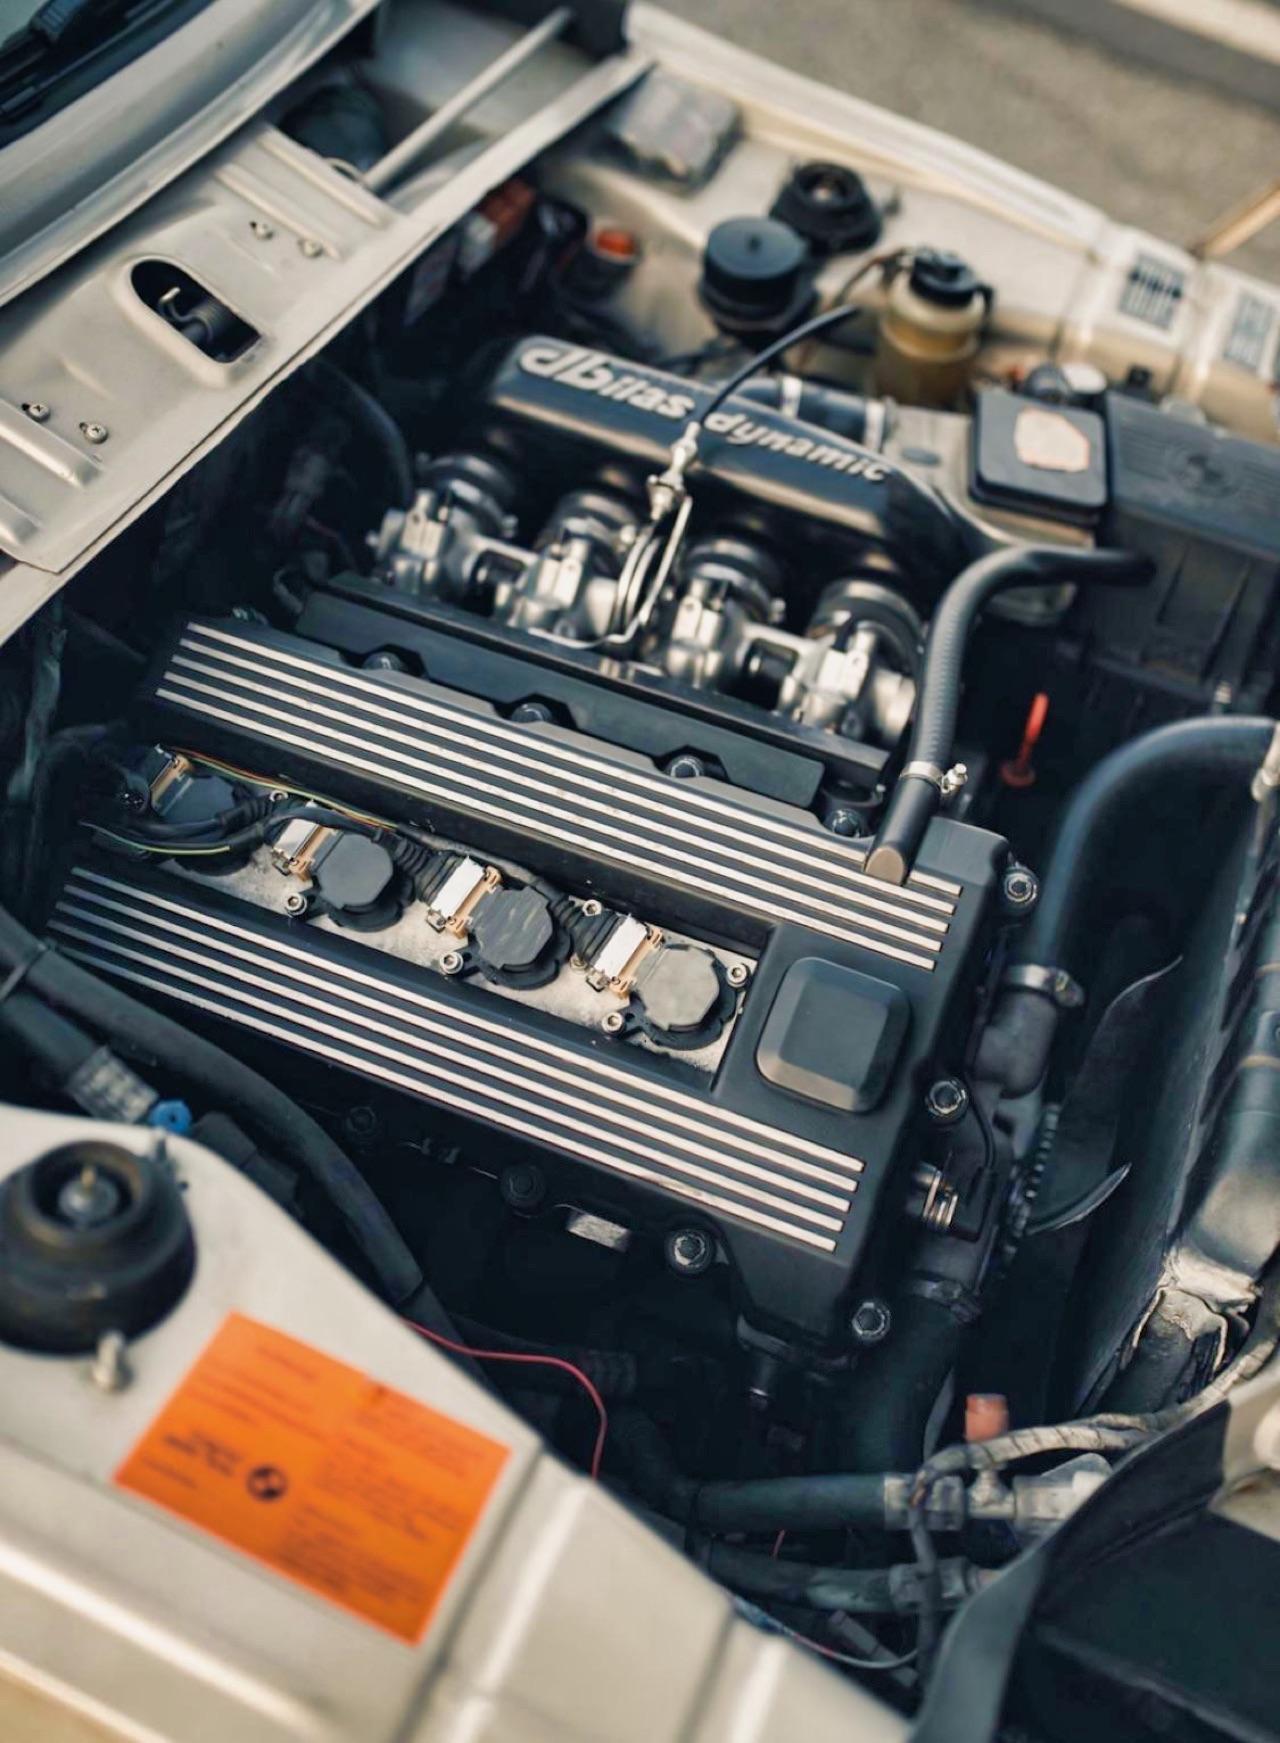 '75 BMW 2002 et R75/6 - Cafe racer sur 4 et 2 roues ! 12